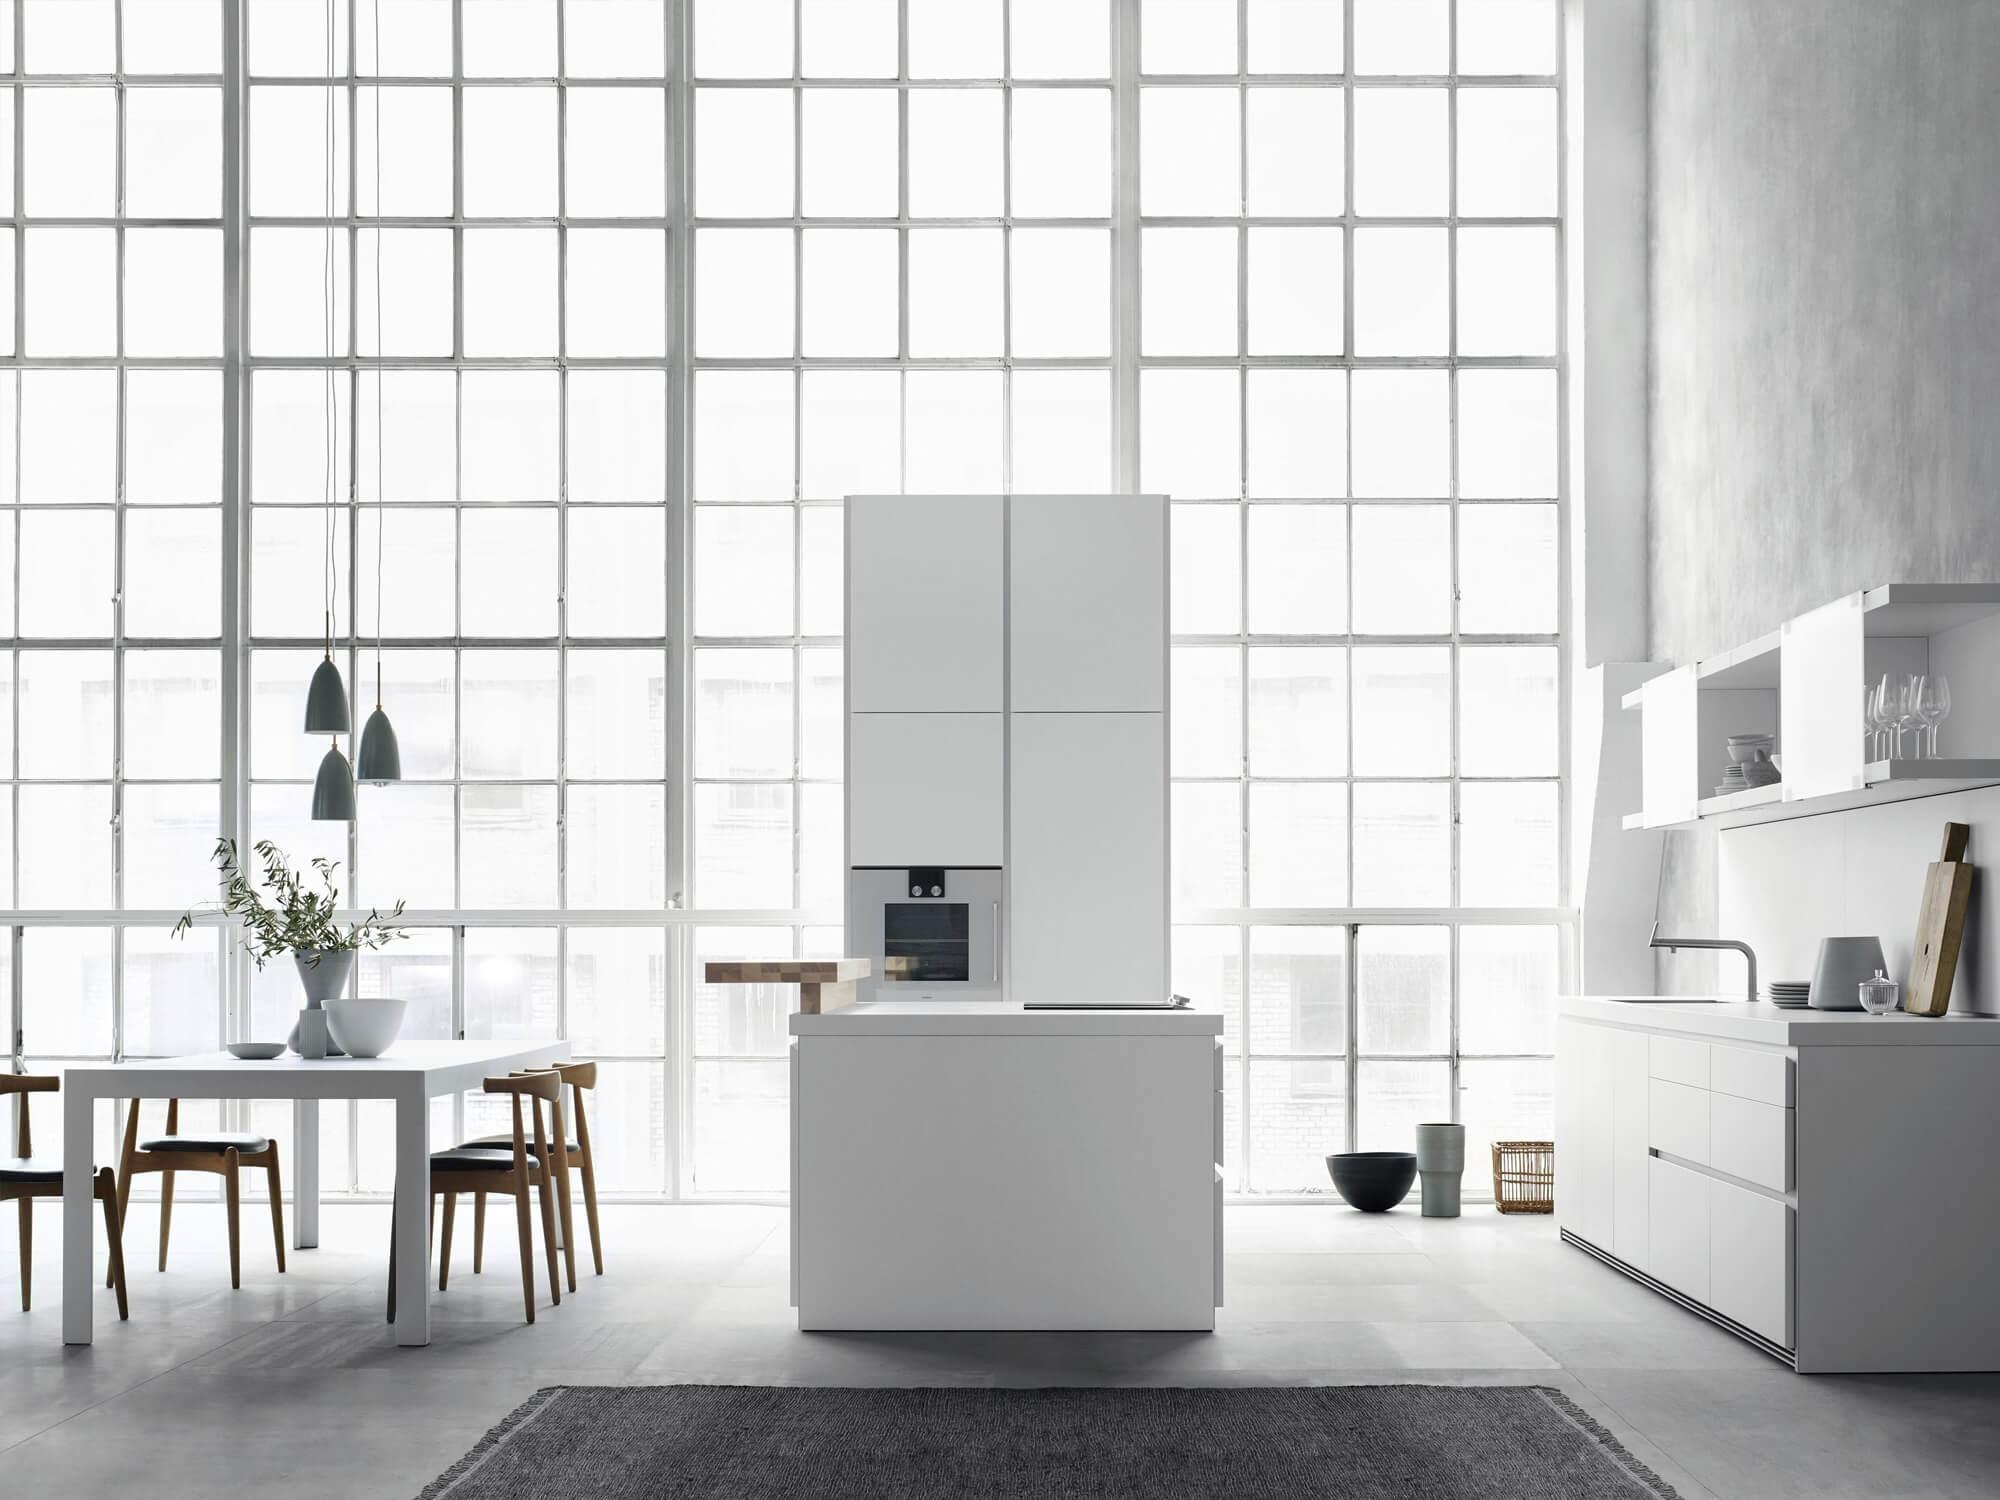 Hochwertige küchenmöbel  MEISER HOME OF LIVING | exklusive Einrichtungsideen und Wohnwelten